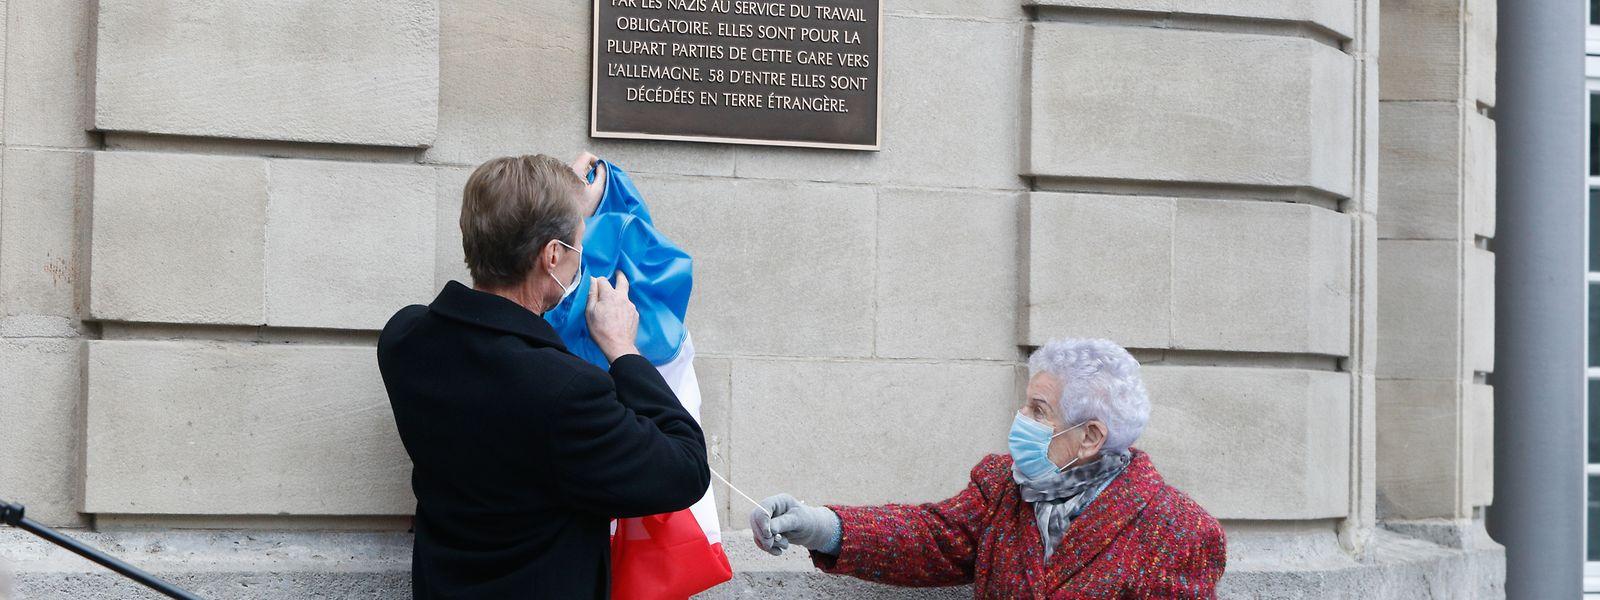 Großherzog Henri und die heute 96 Jahre alte Maisy Ginter-Bonichaux, die die Verschleppung am eigenen Leib erlebte, enthüllten die Gedenktafel.